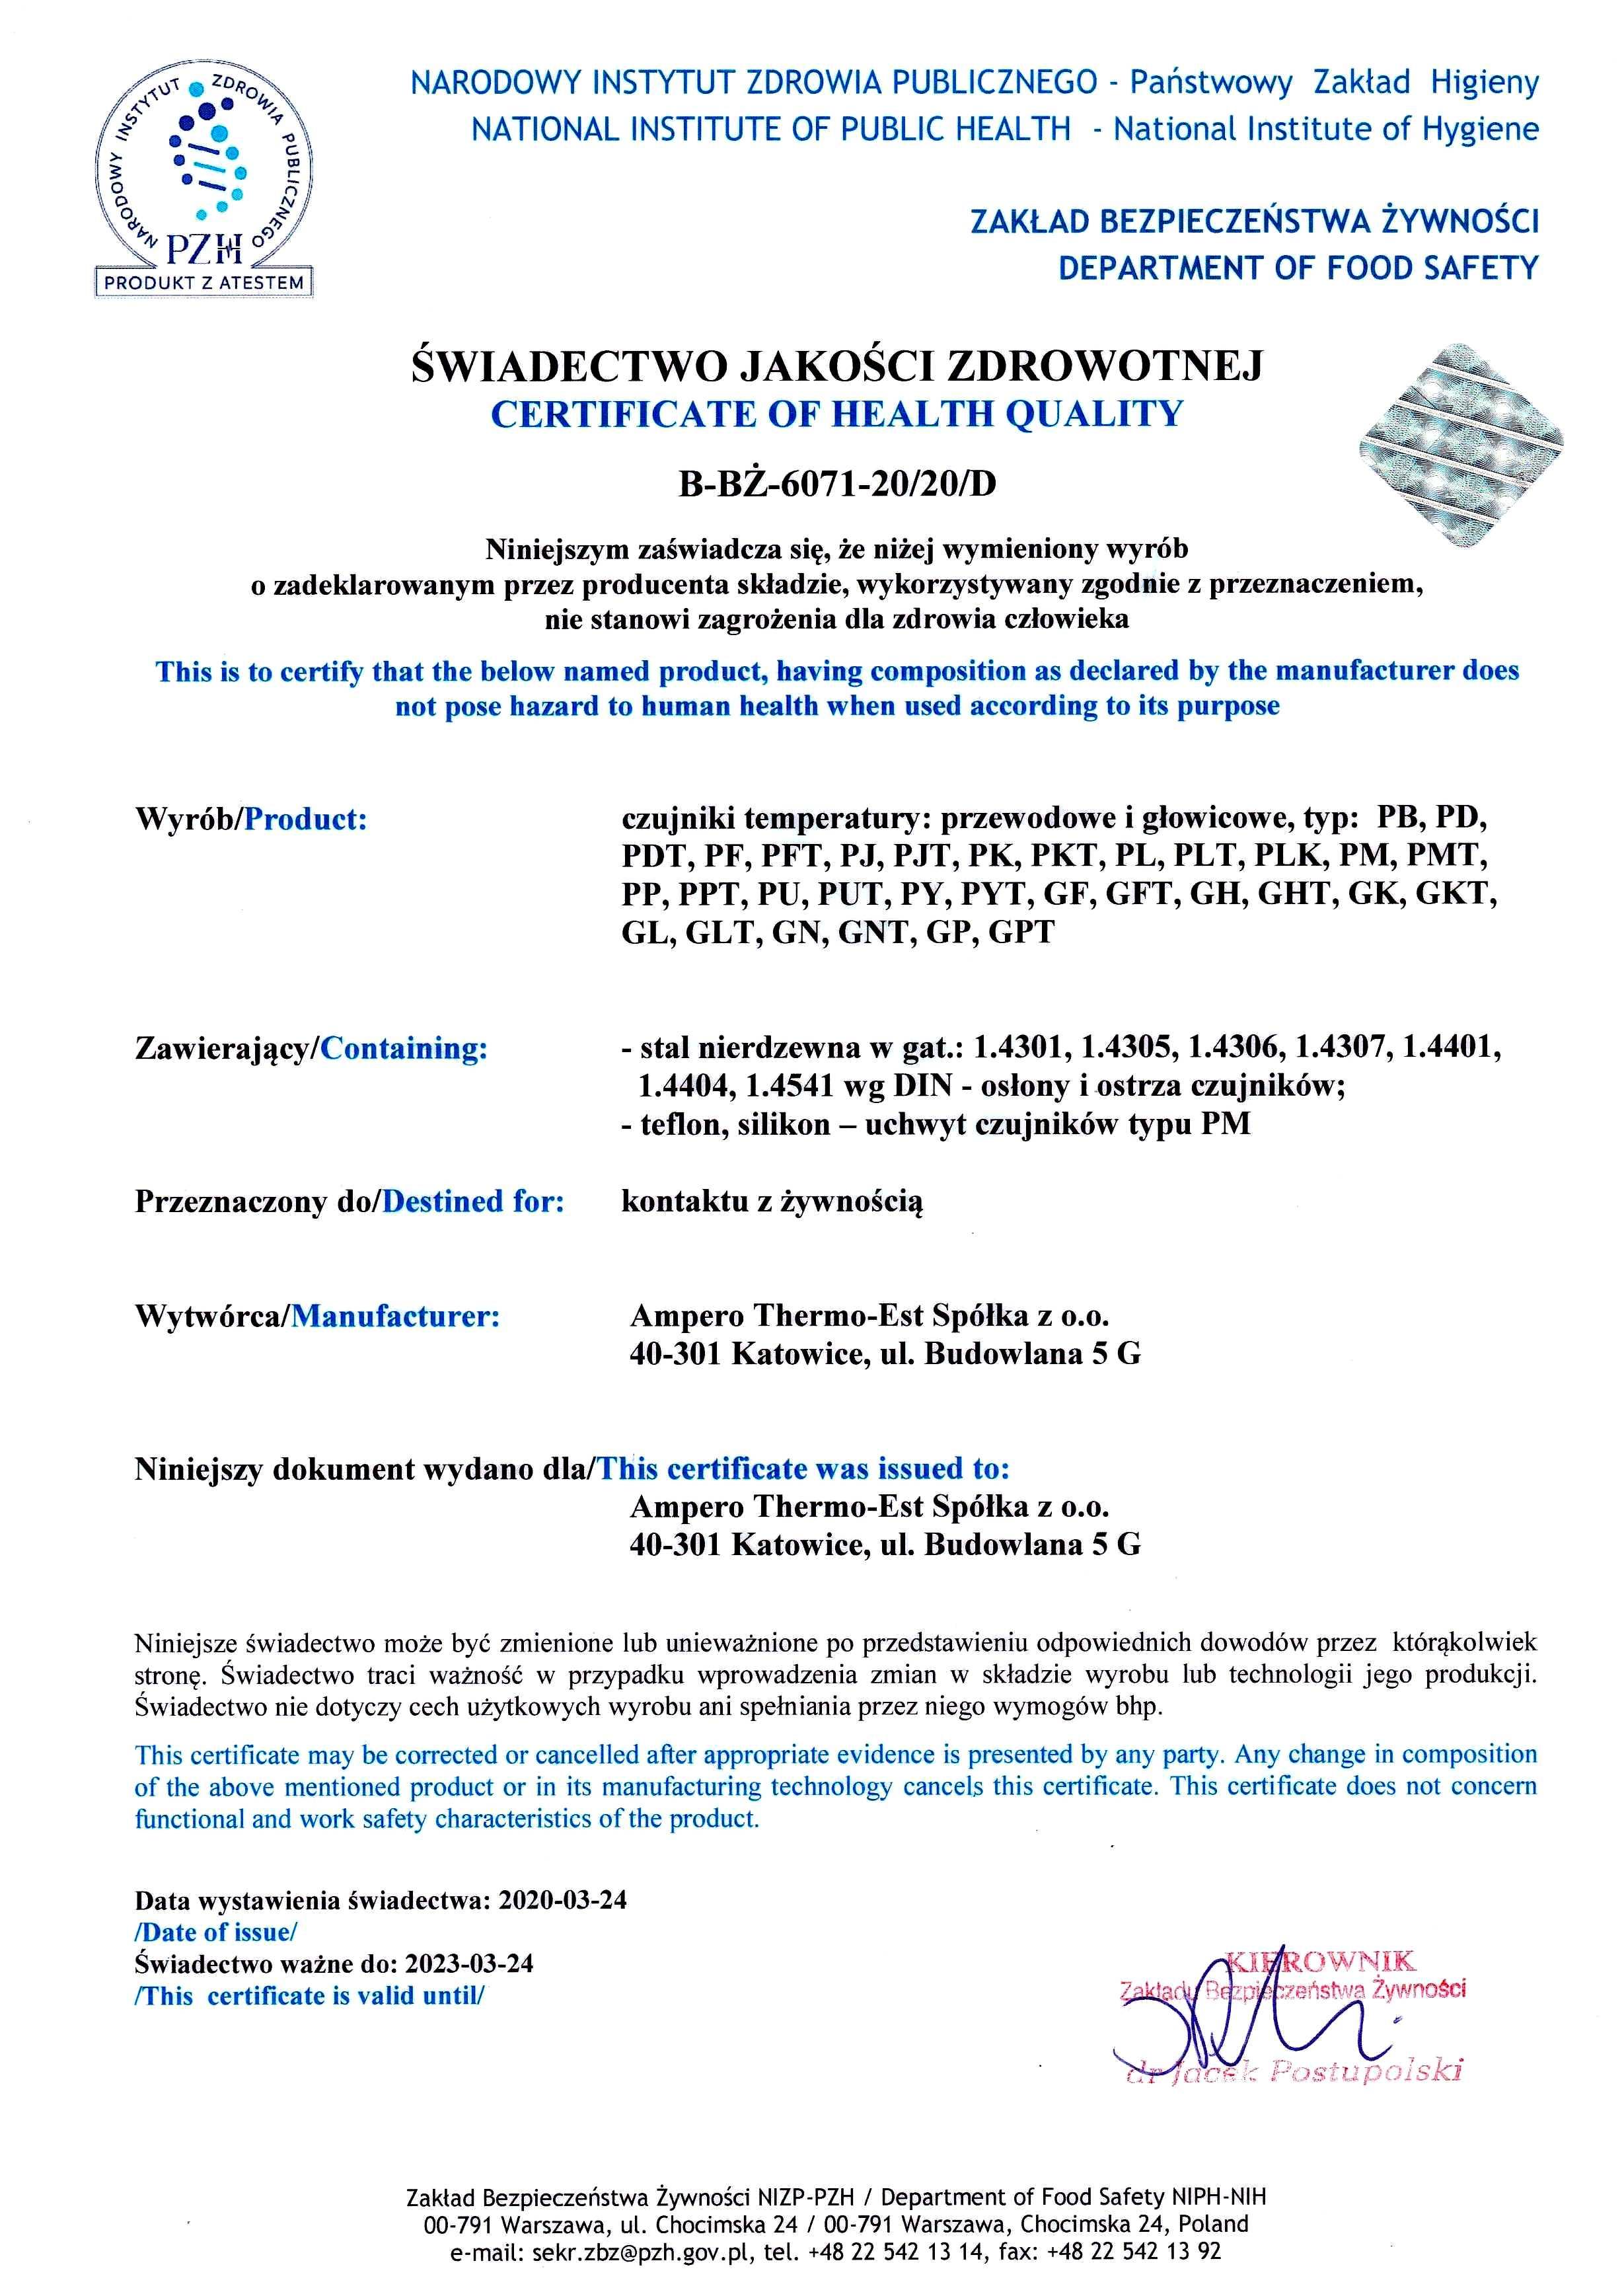 Ampero-Certyfikat-PHZ-2011